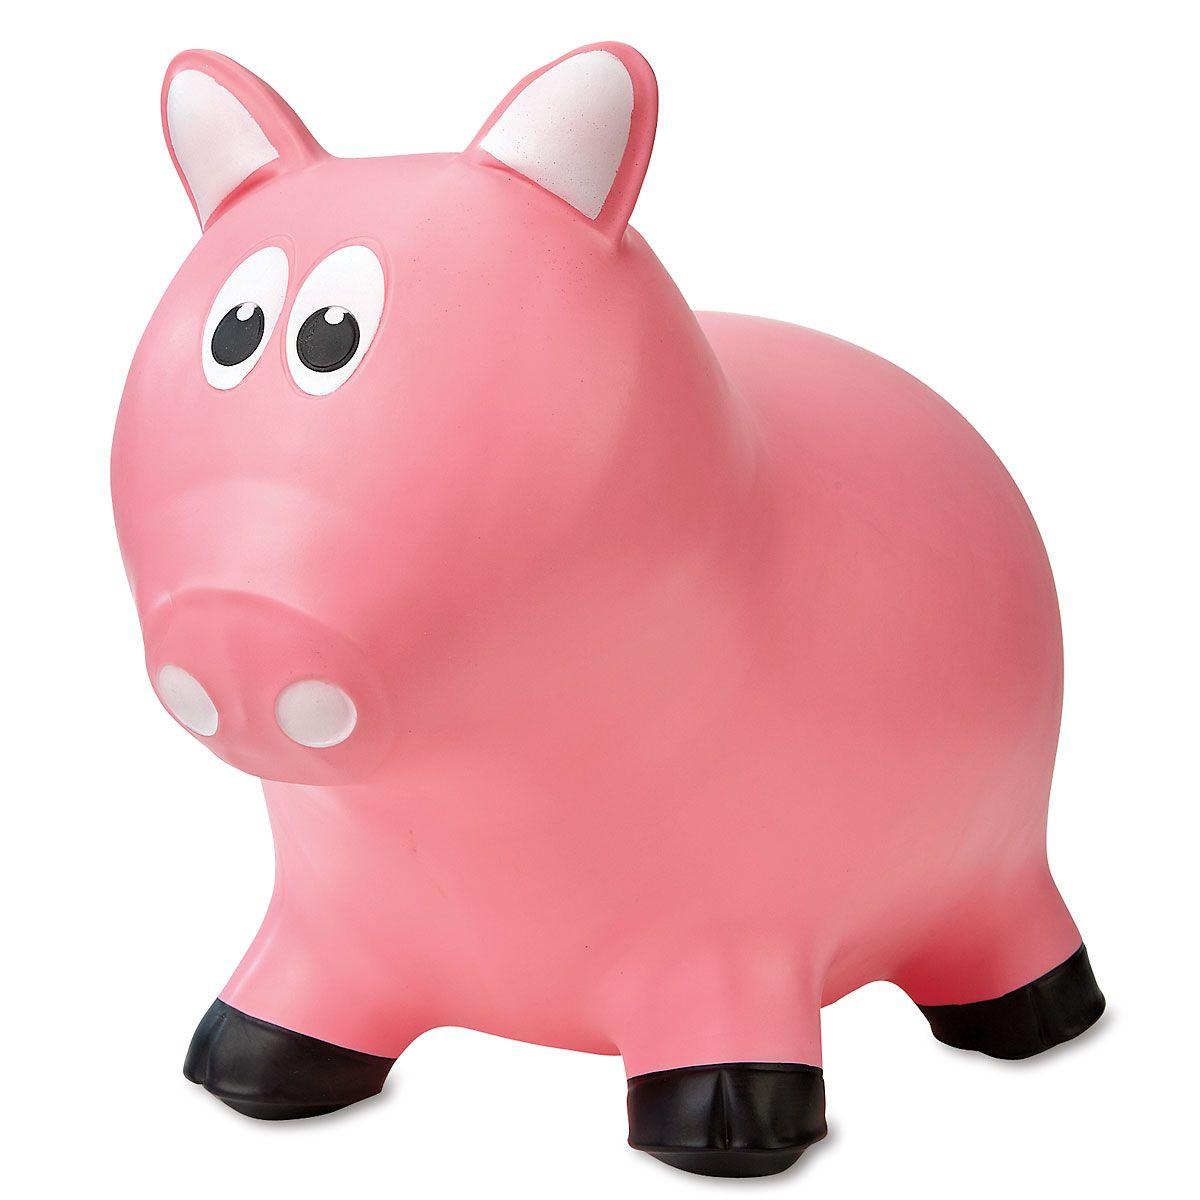 Pig Hopper